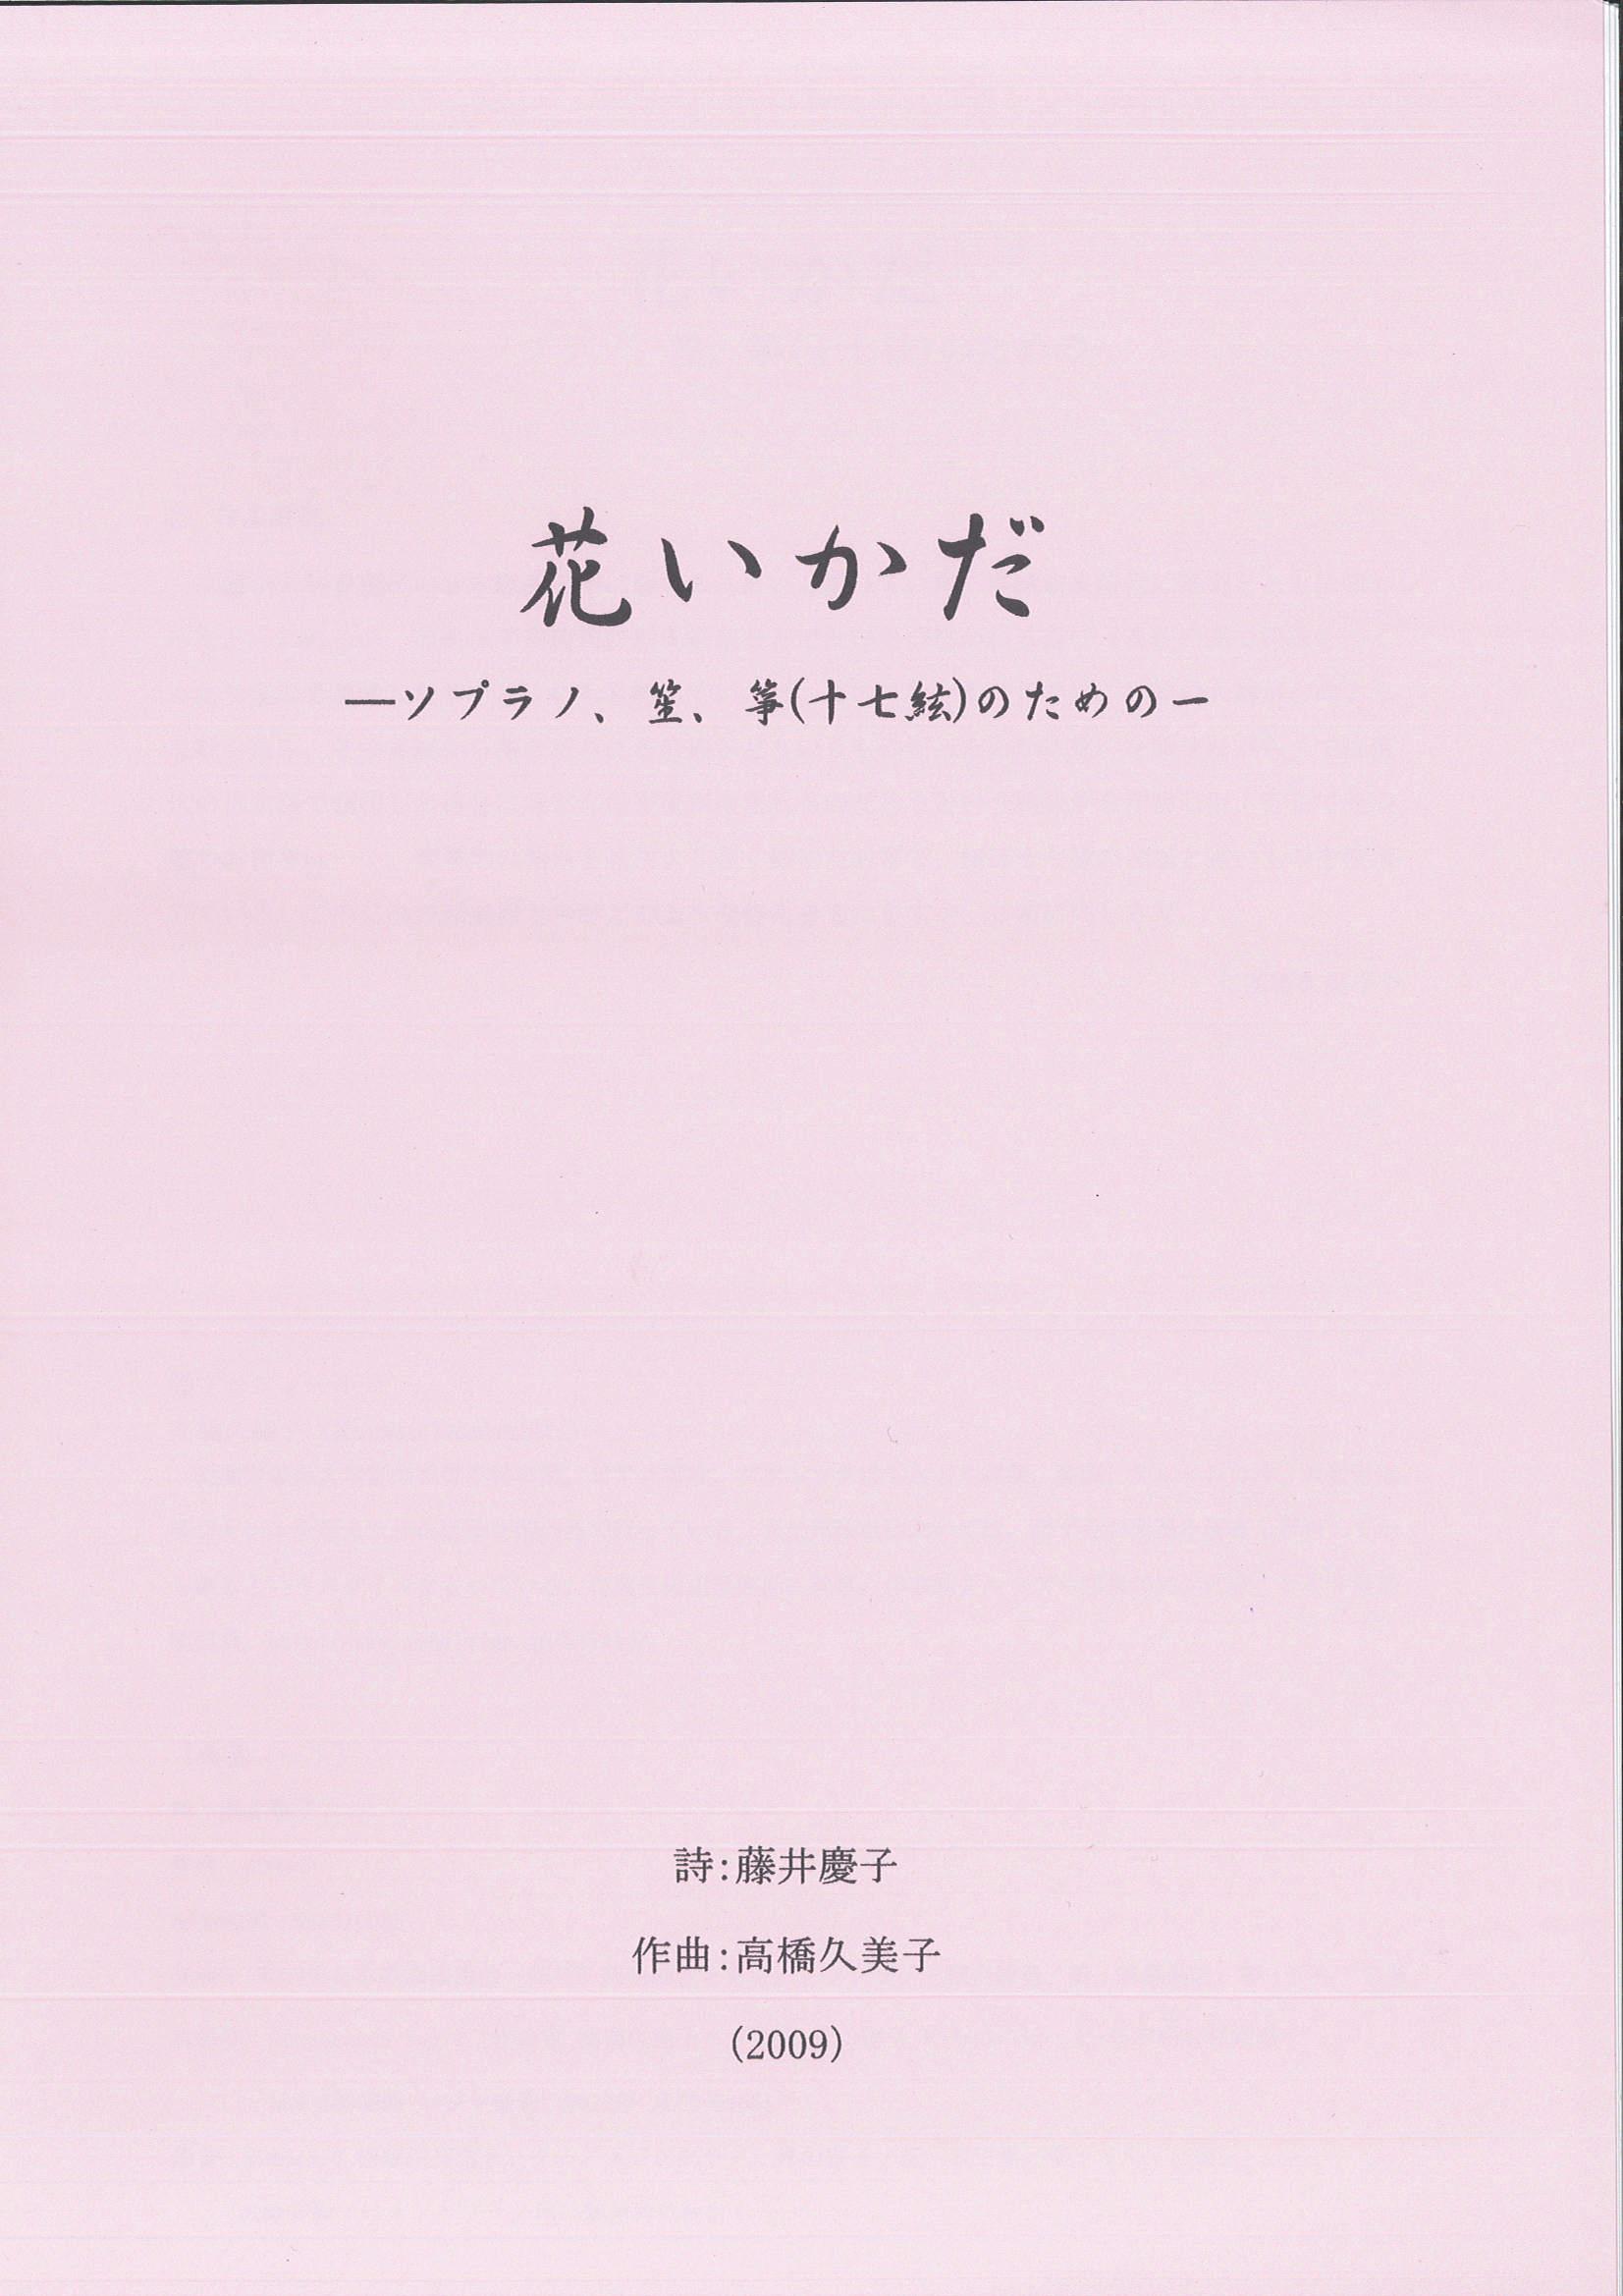 五線譜 花いかだ─ソプラノ、笙、箏(十七絃)のための[5627]